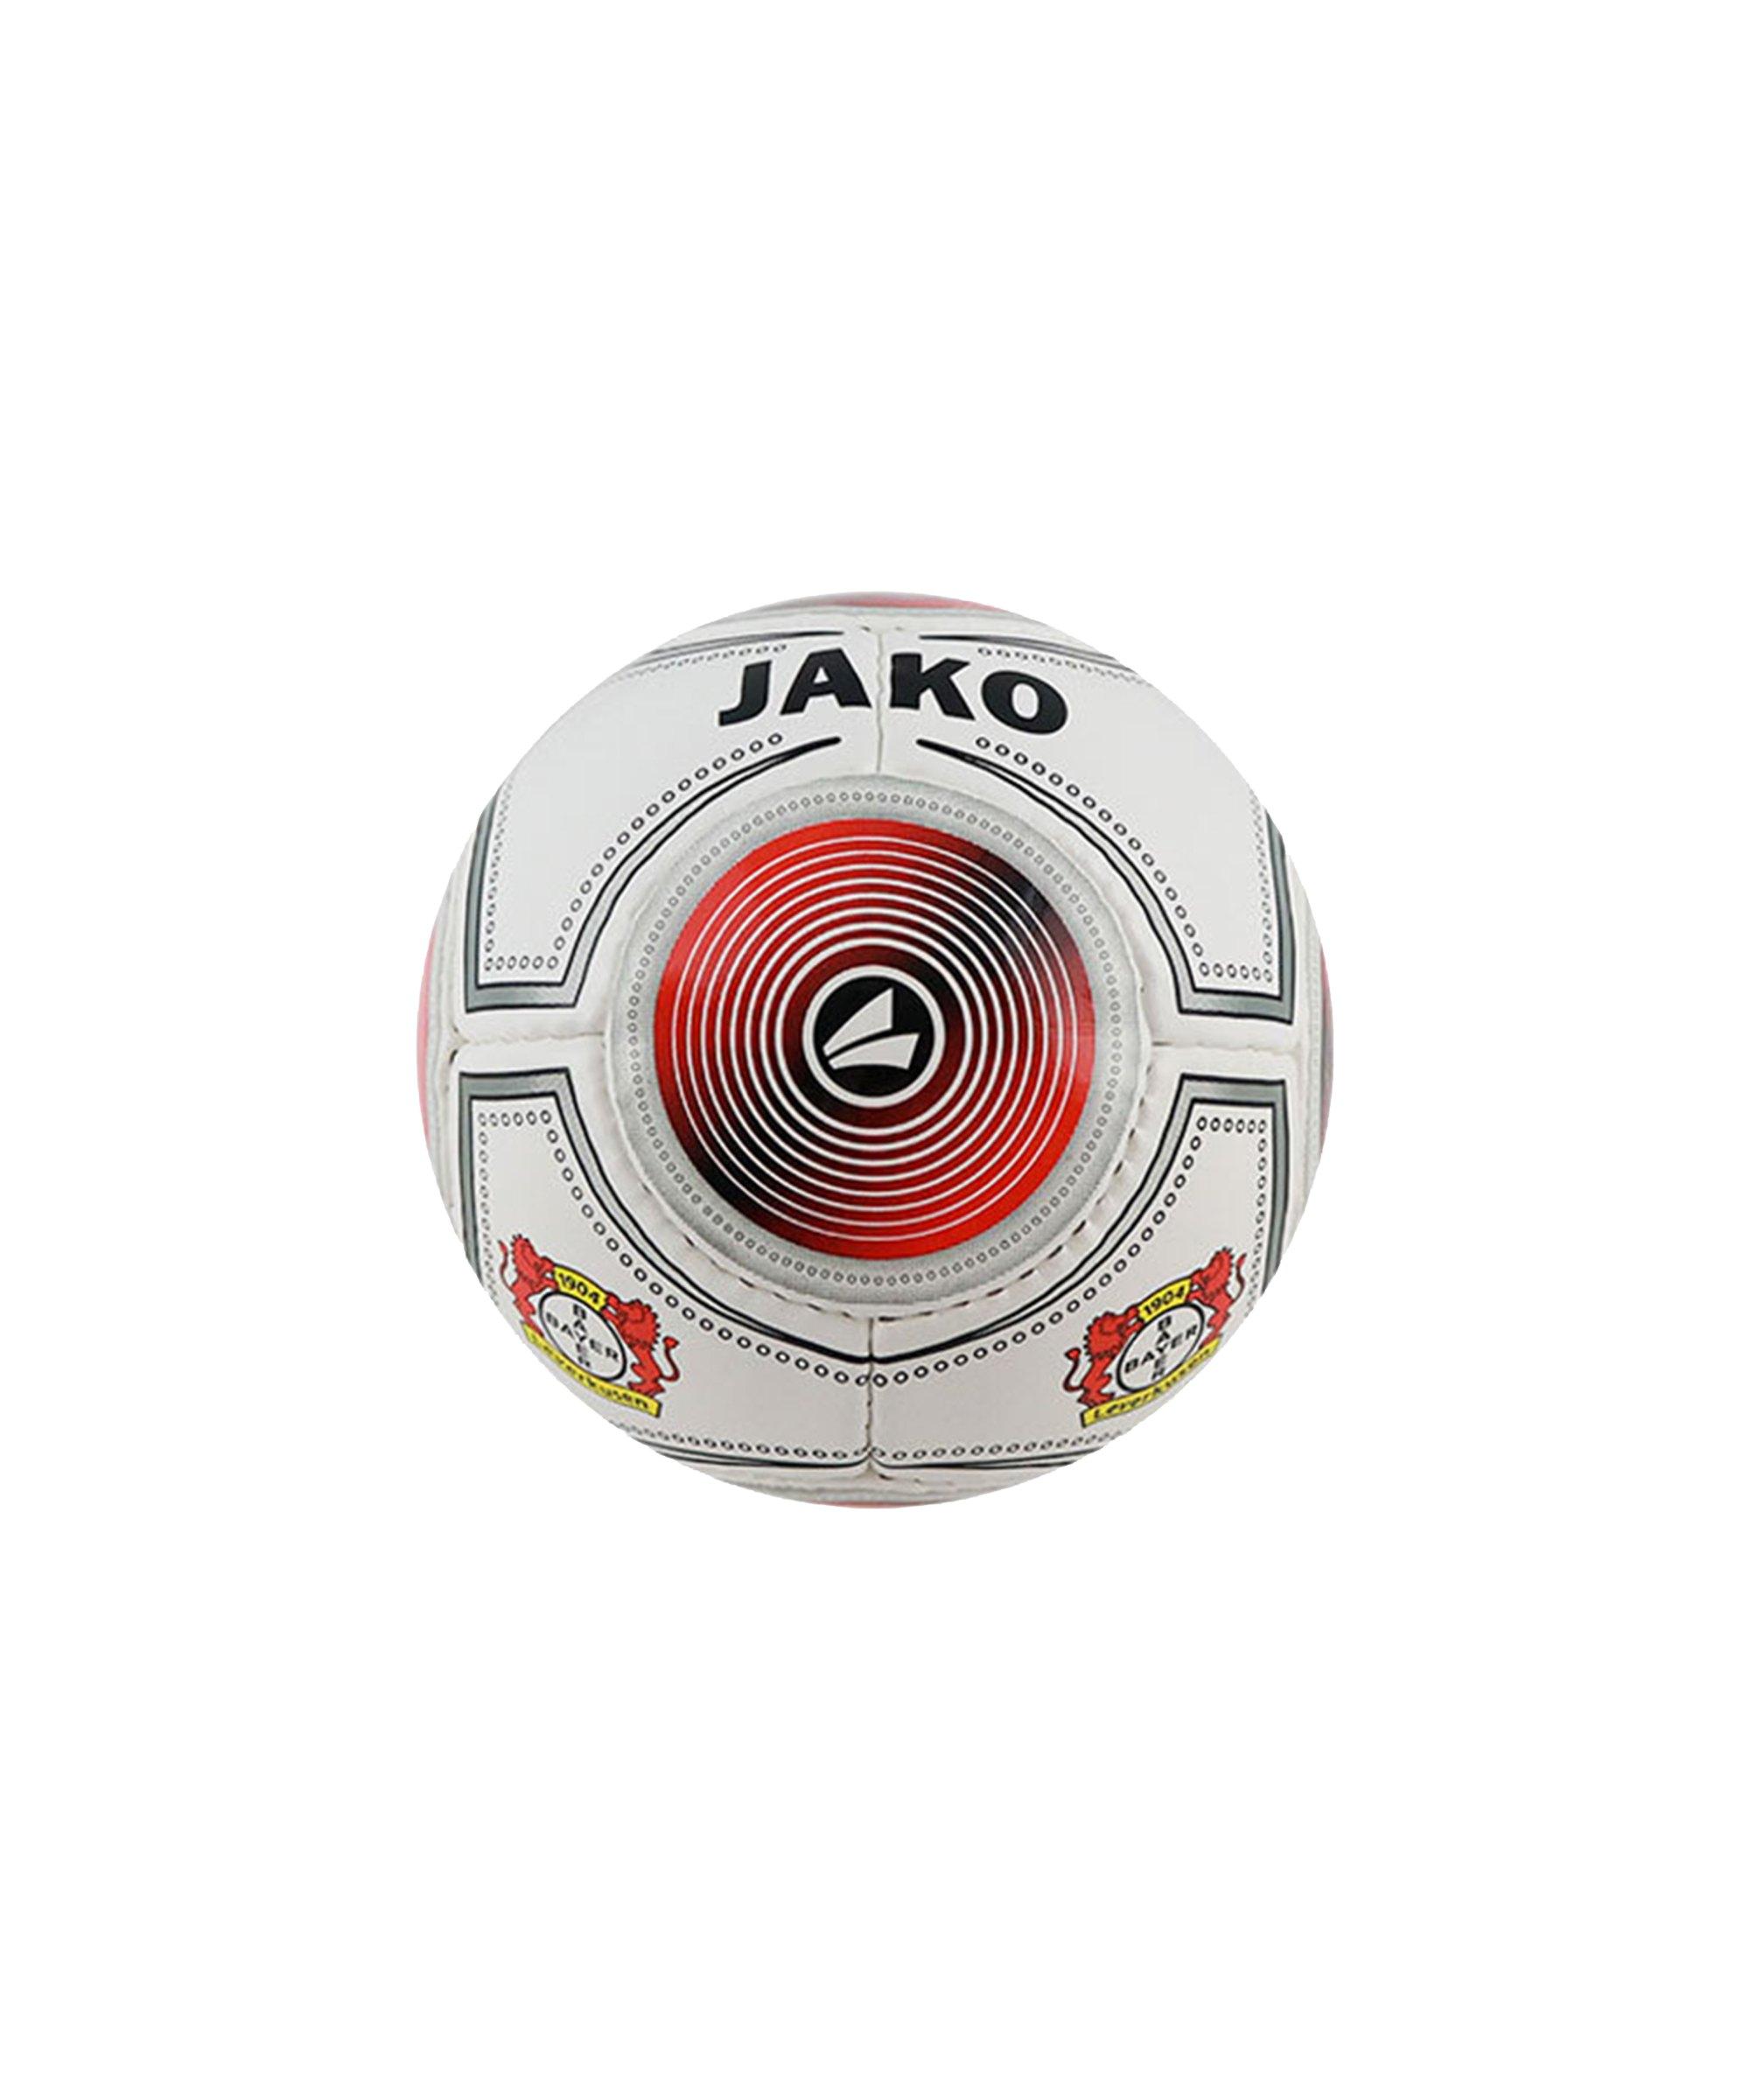 JAKO Bayer 04 Leverkusen Miniball Weiss Rot F03 - weiss